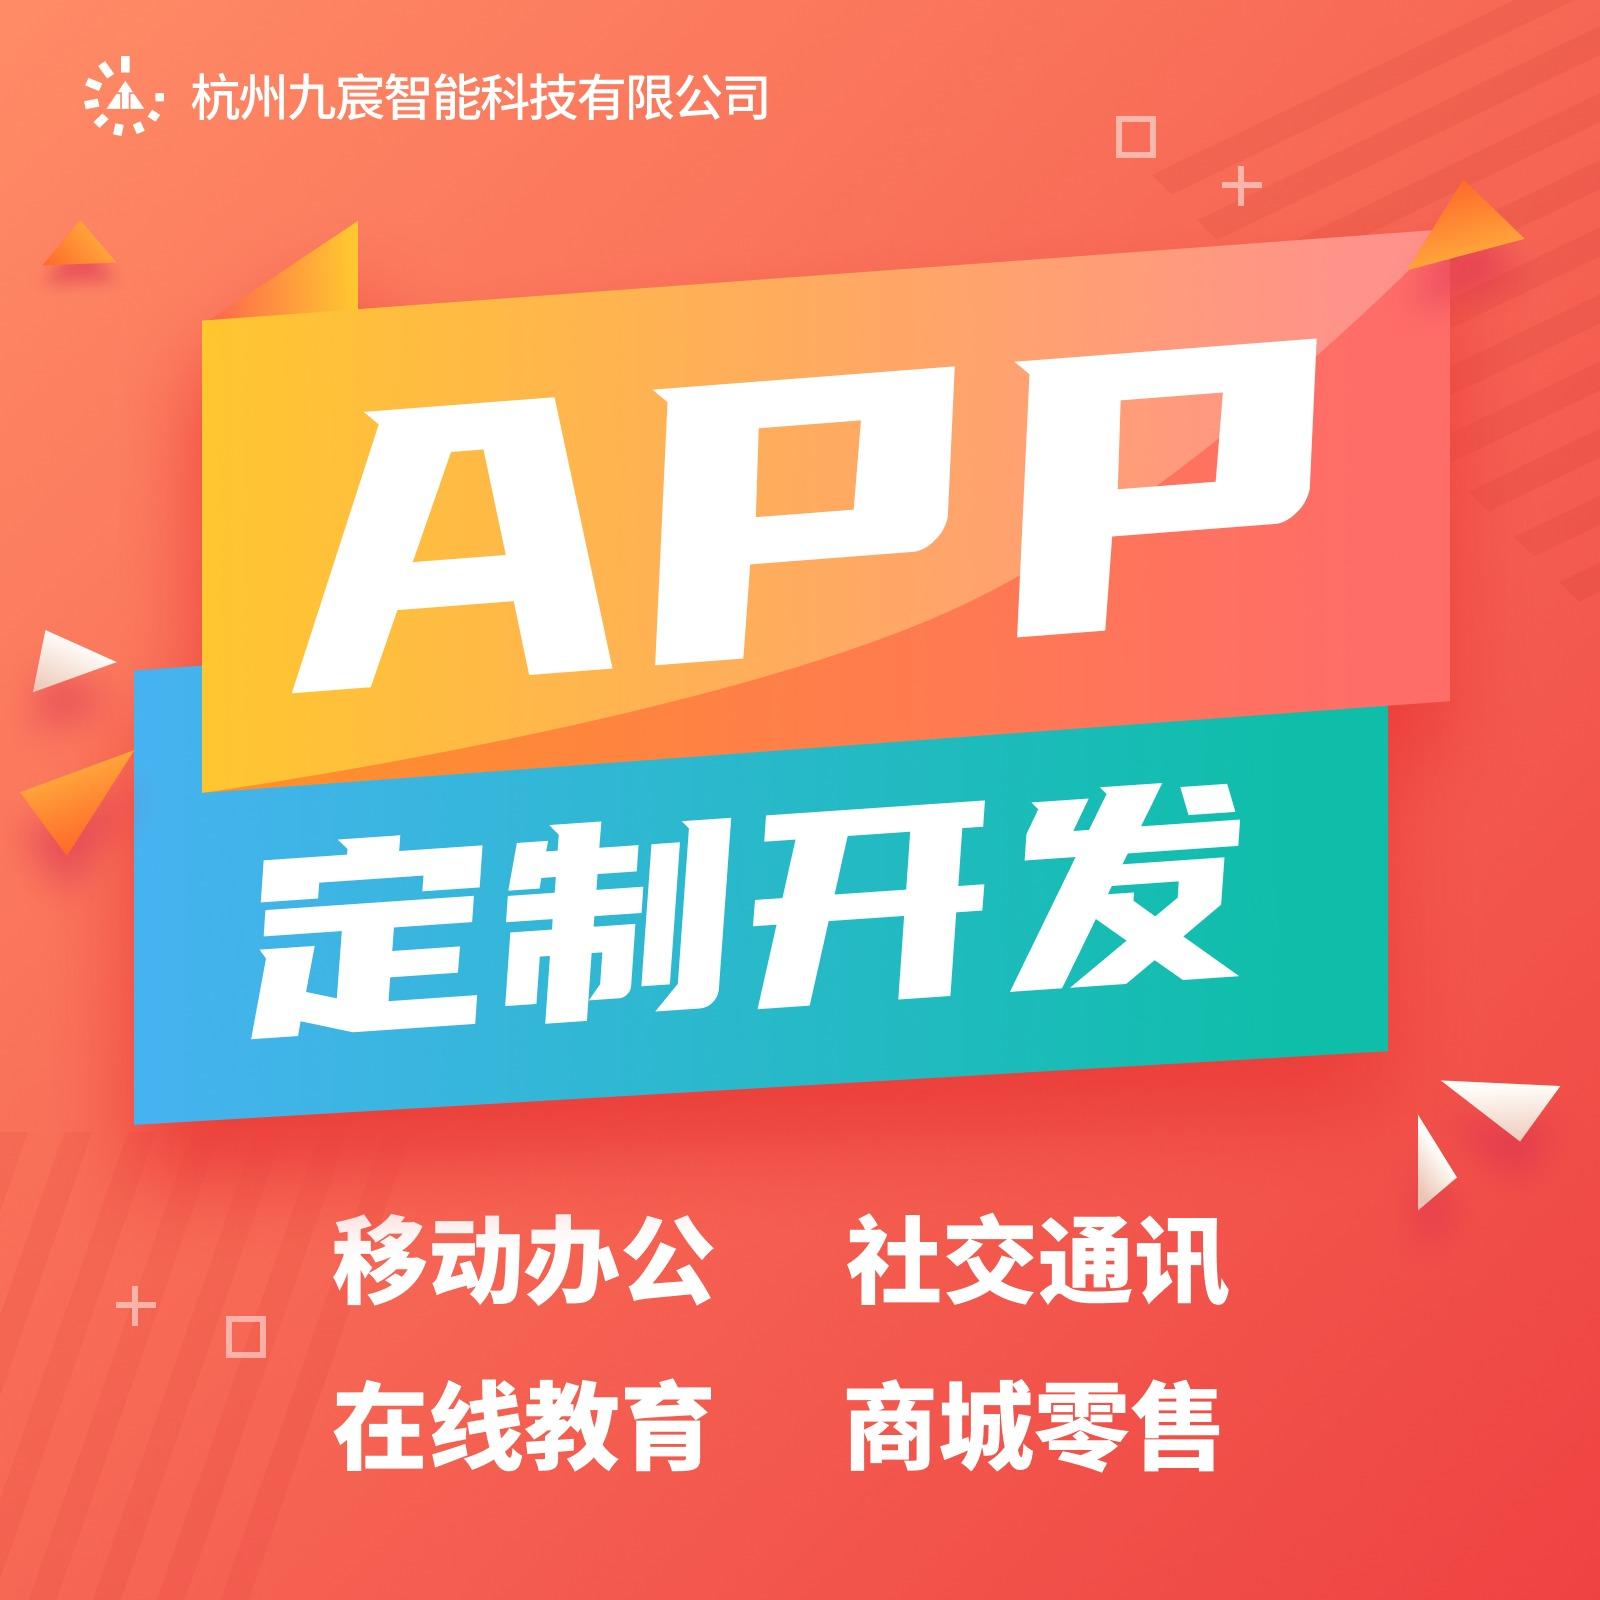 成品APP教育APP开发知识付费APP开发教育软件APP定制